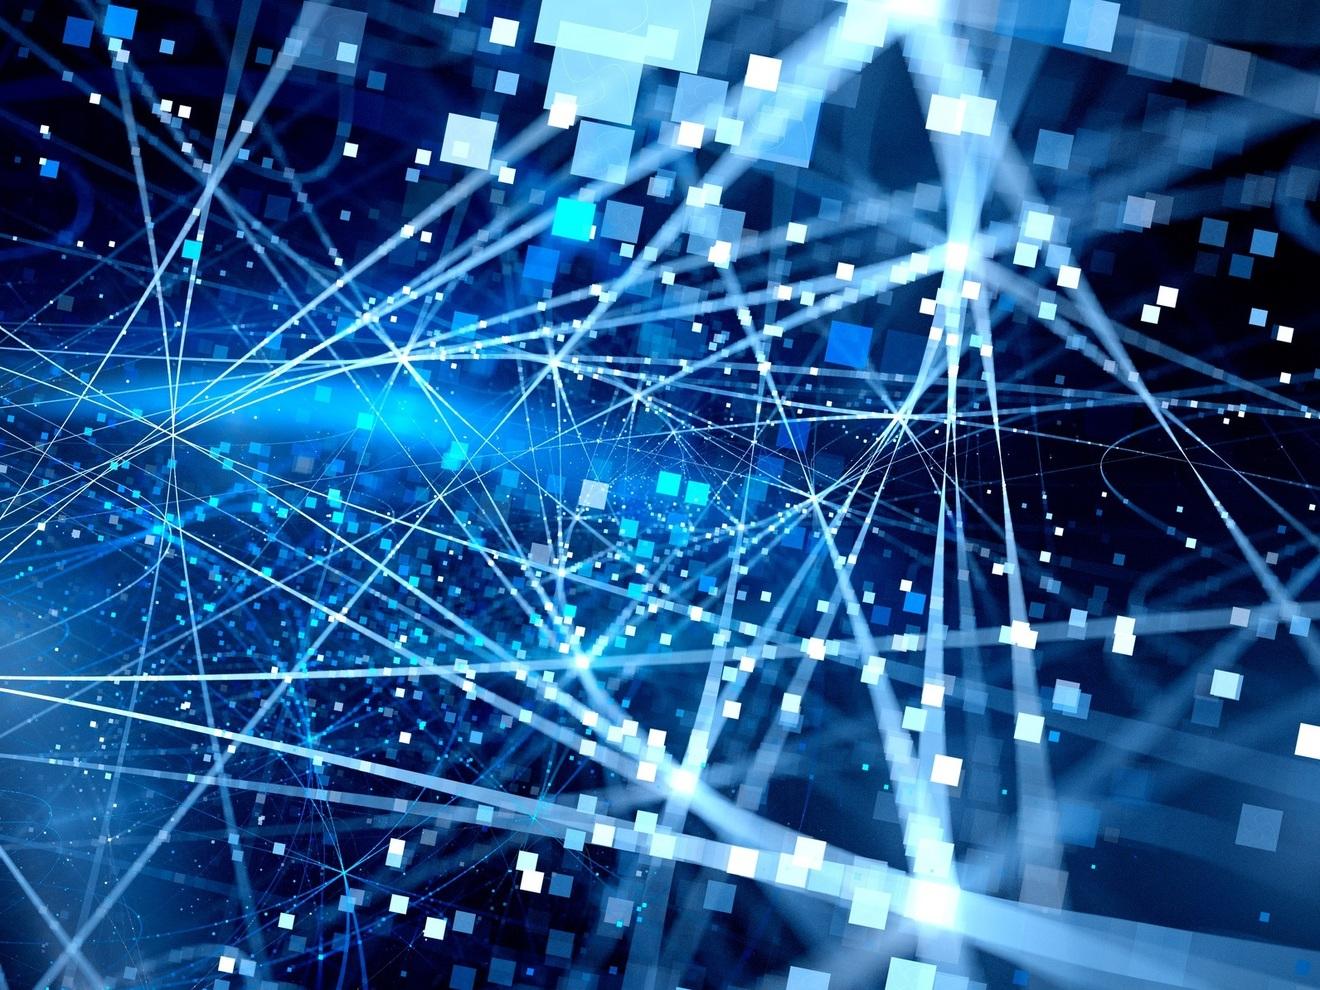 物理学者が紹介する異次元の世界『フラットランド』と『超弦理論入門』